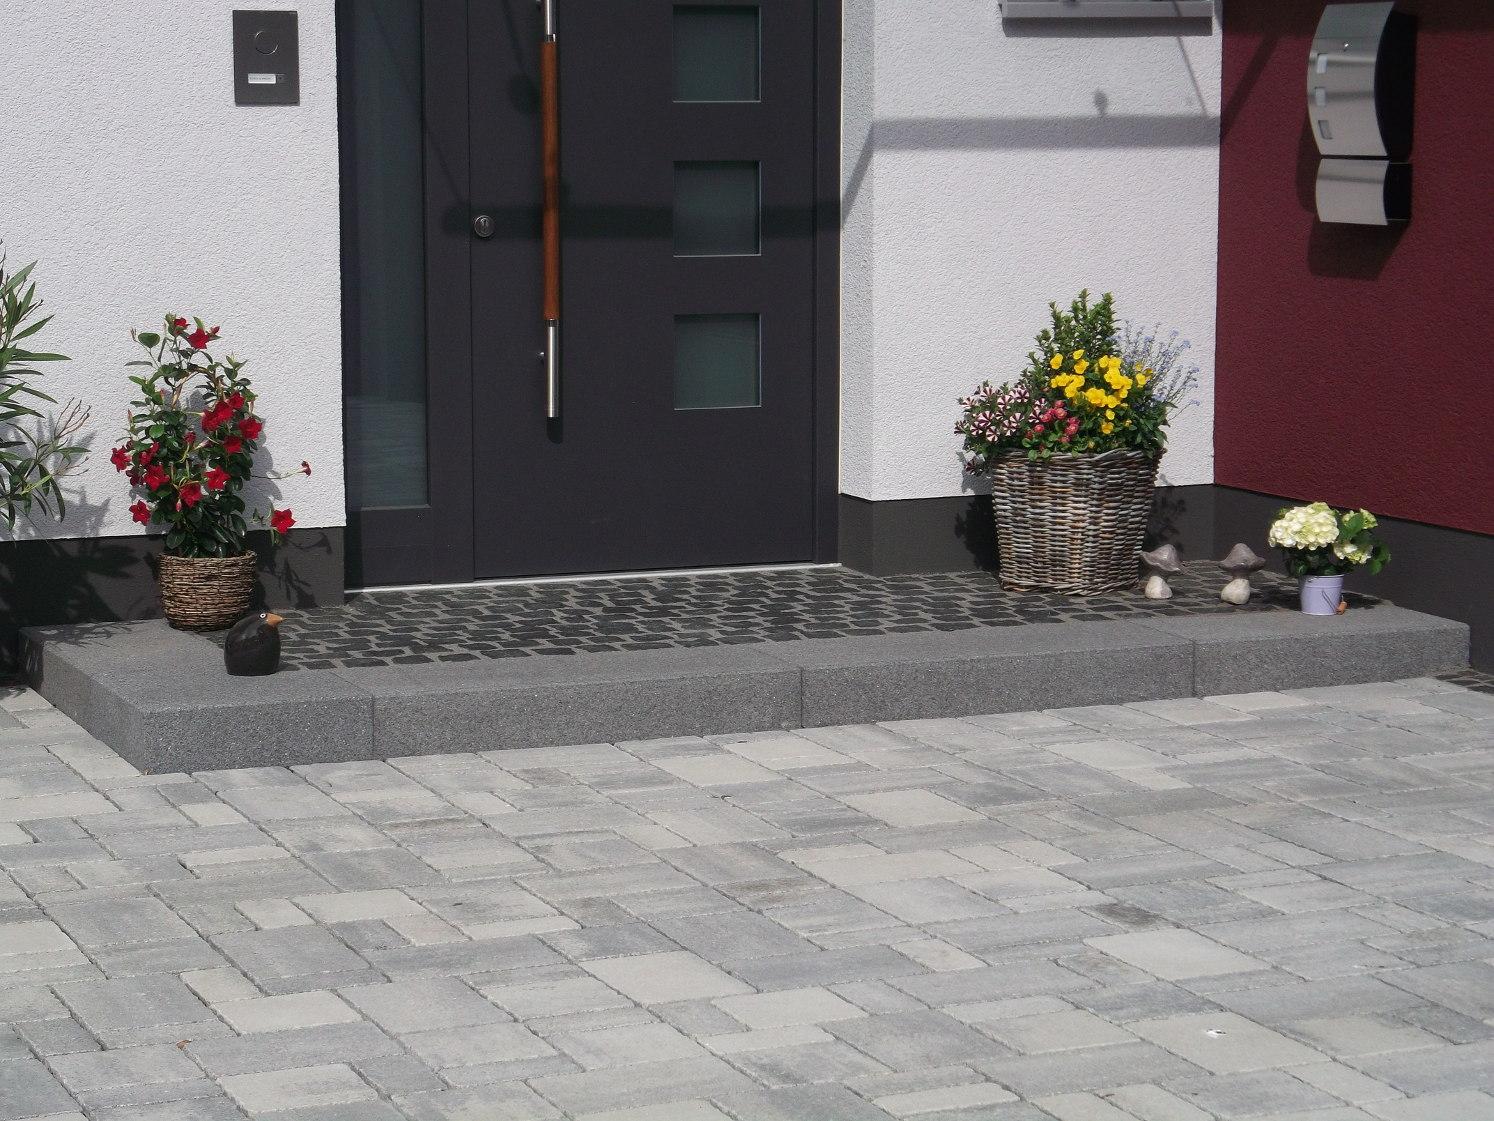 Rusticales Pflaster passend dazu mit grauen Blockstufen